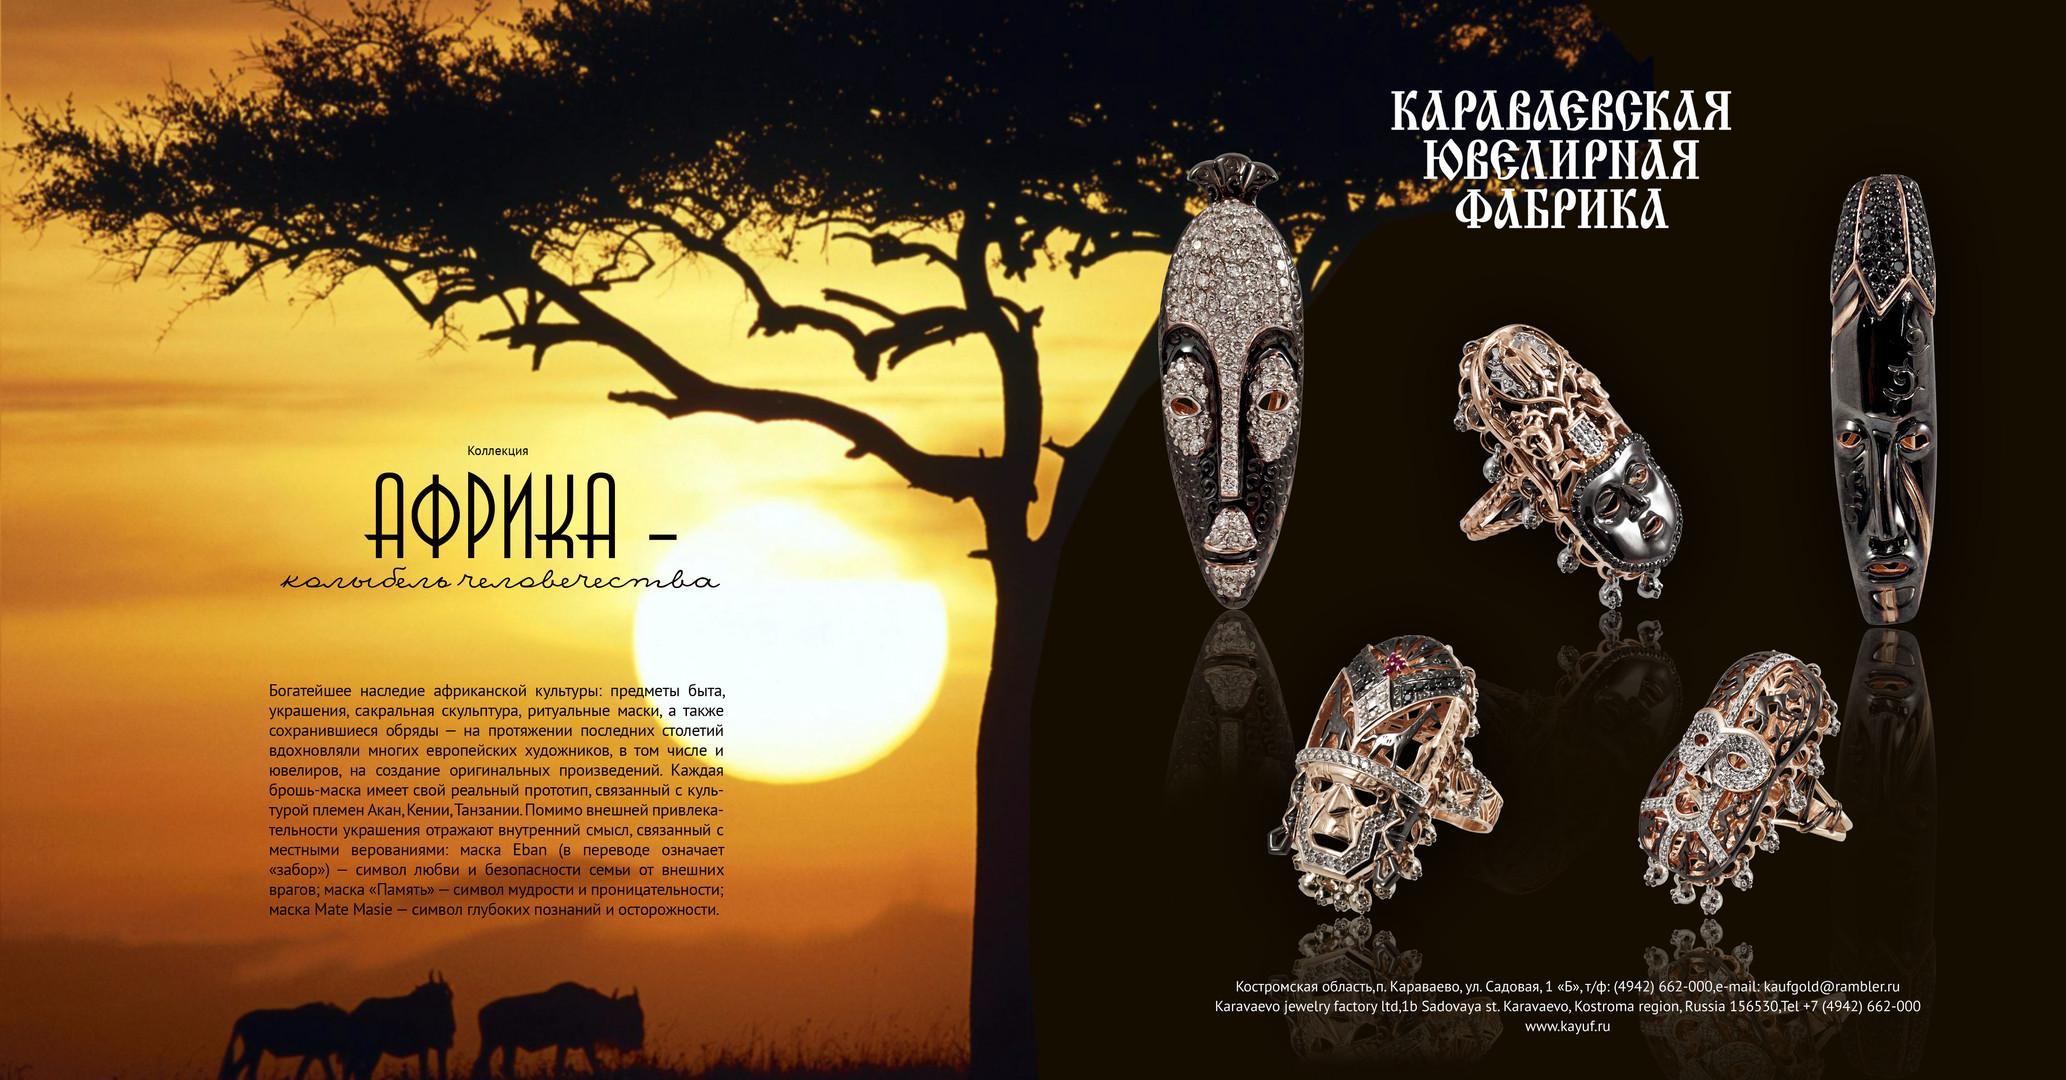 Африка - колыбель человечества